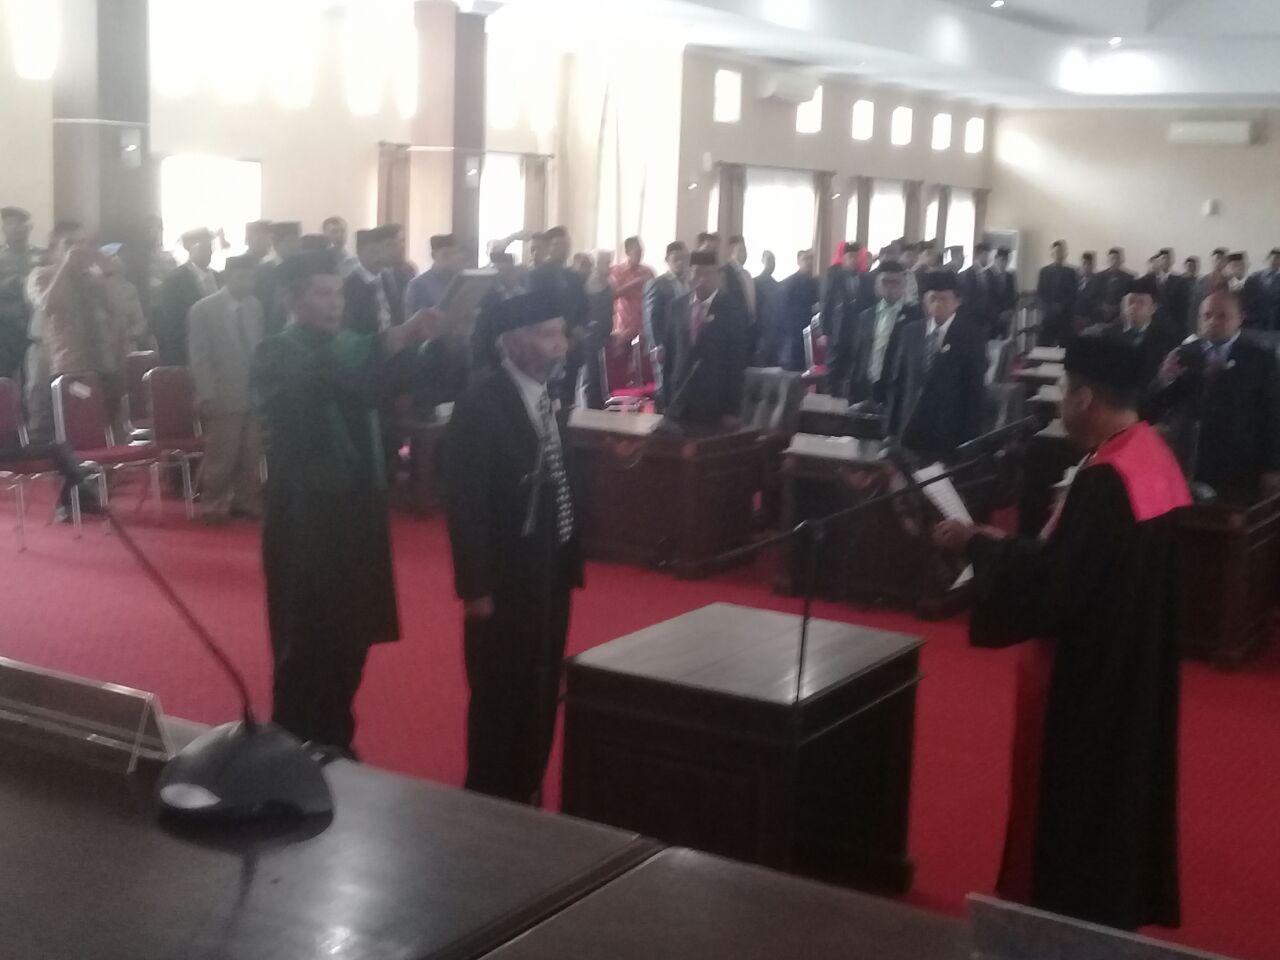 Rapat paripurna istimewa peresmian dan pengucapan sumpah janji ketua DPRD Muna sisa masa jabatan 2014-2019 dari Mukmin Naini kepada dr. LM Abdul Rajab Biku